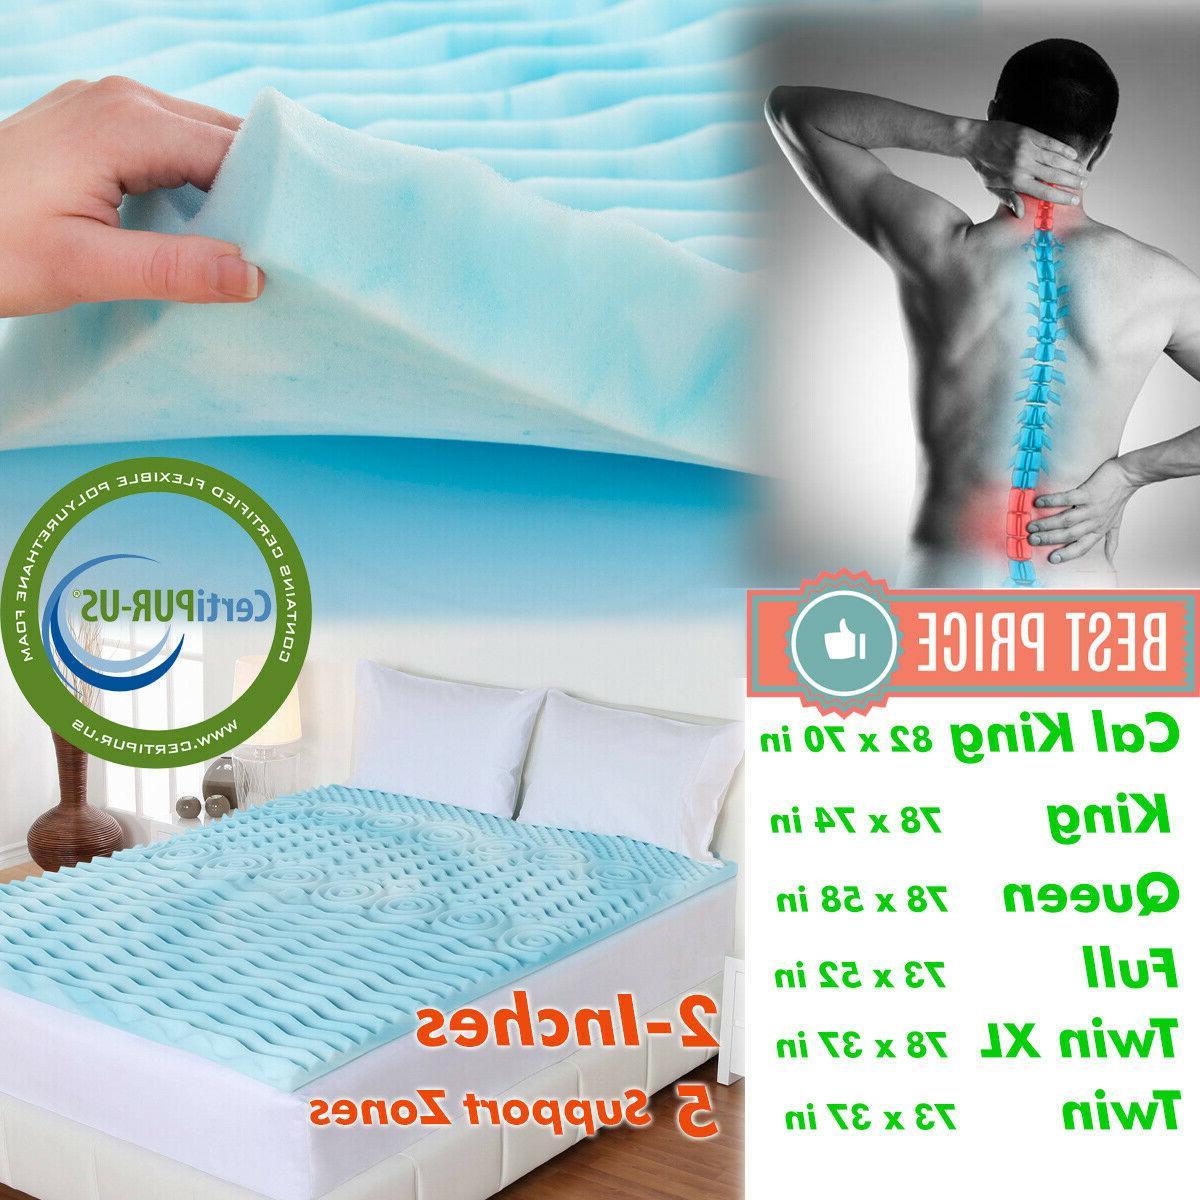 orthopedic bed pad 2 inch memory foam